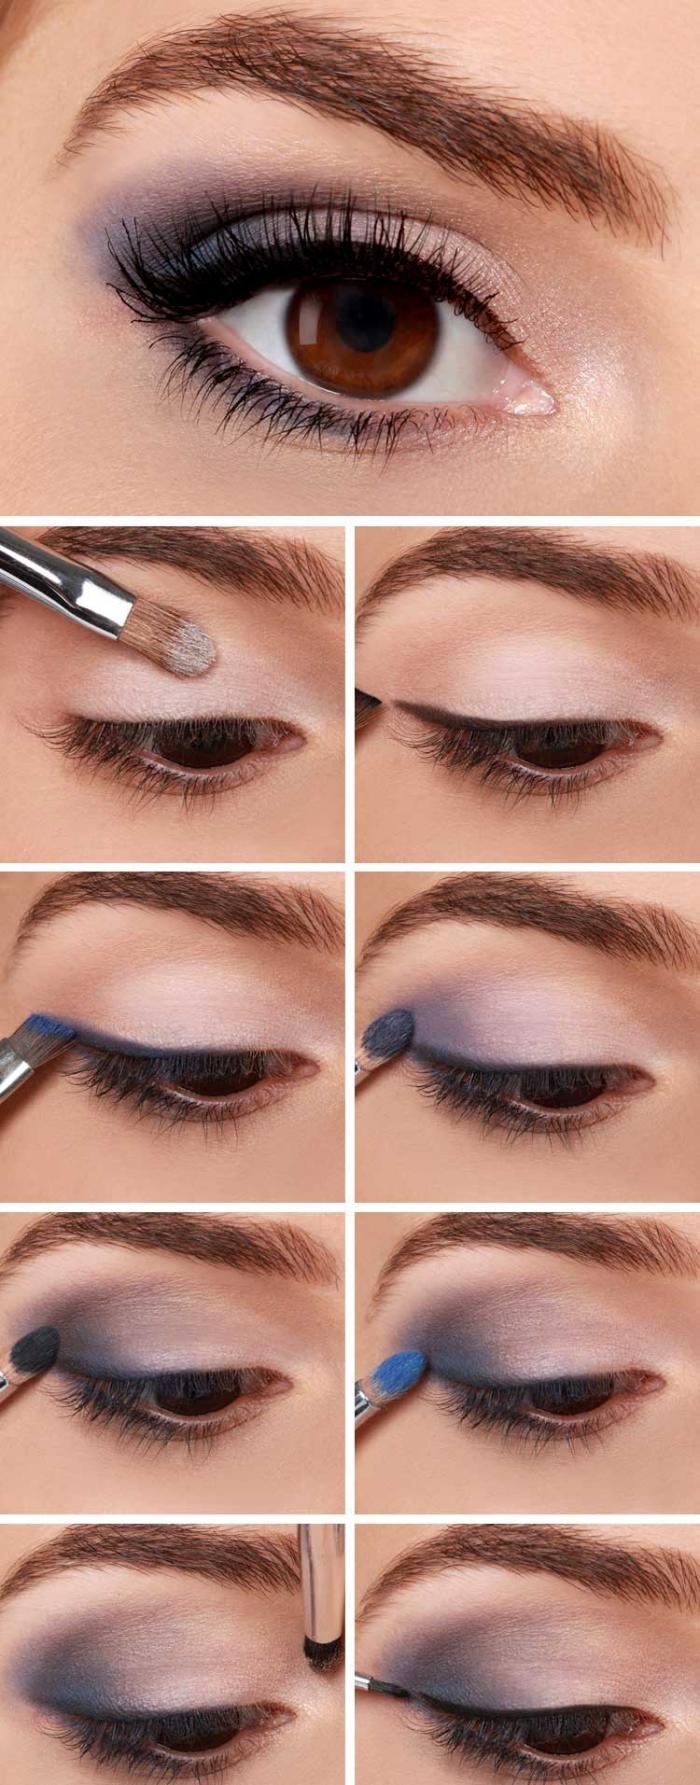 tuto maquillage yeux marrons, étapes à suivre pour appliquer ombres violet et noir, comment mettre fards à paupières